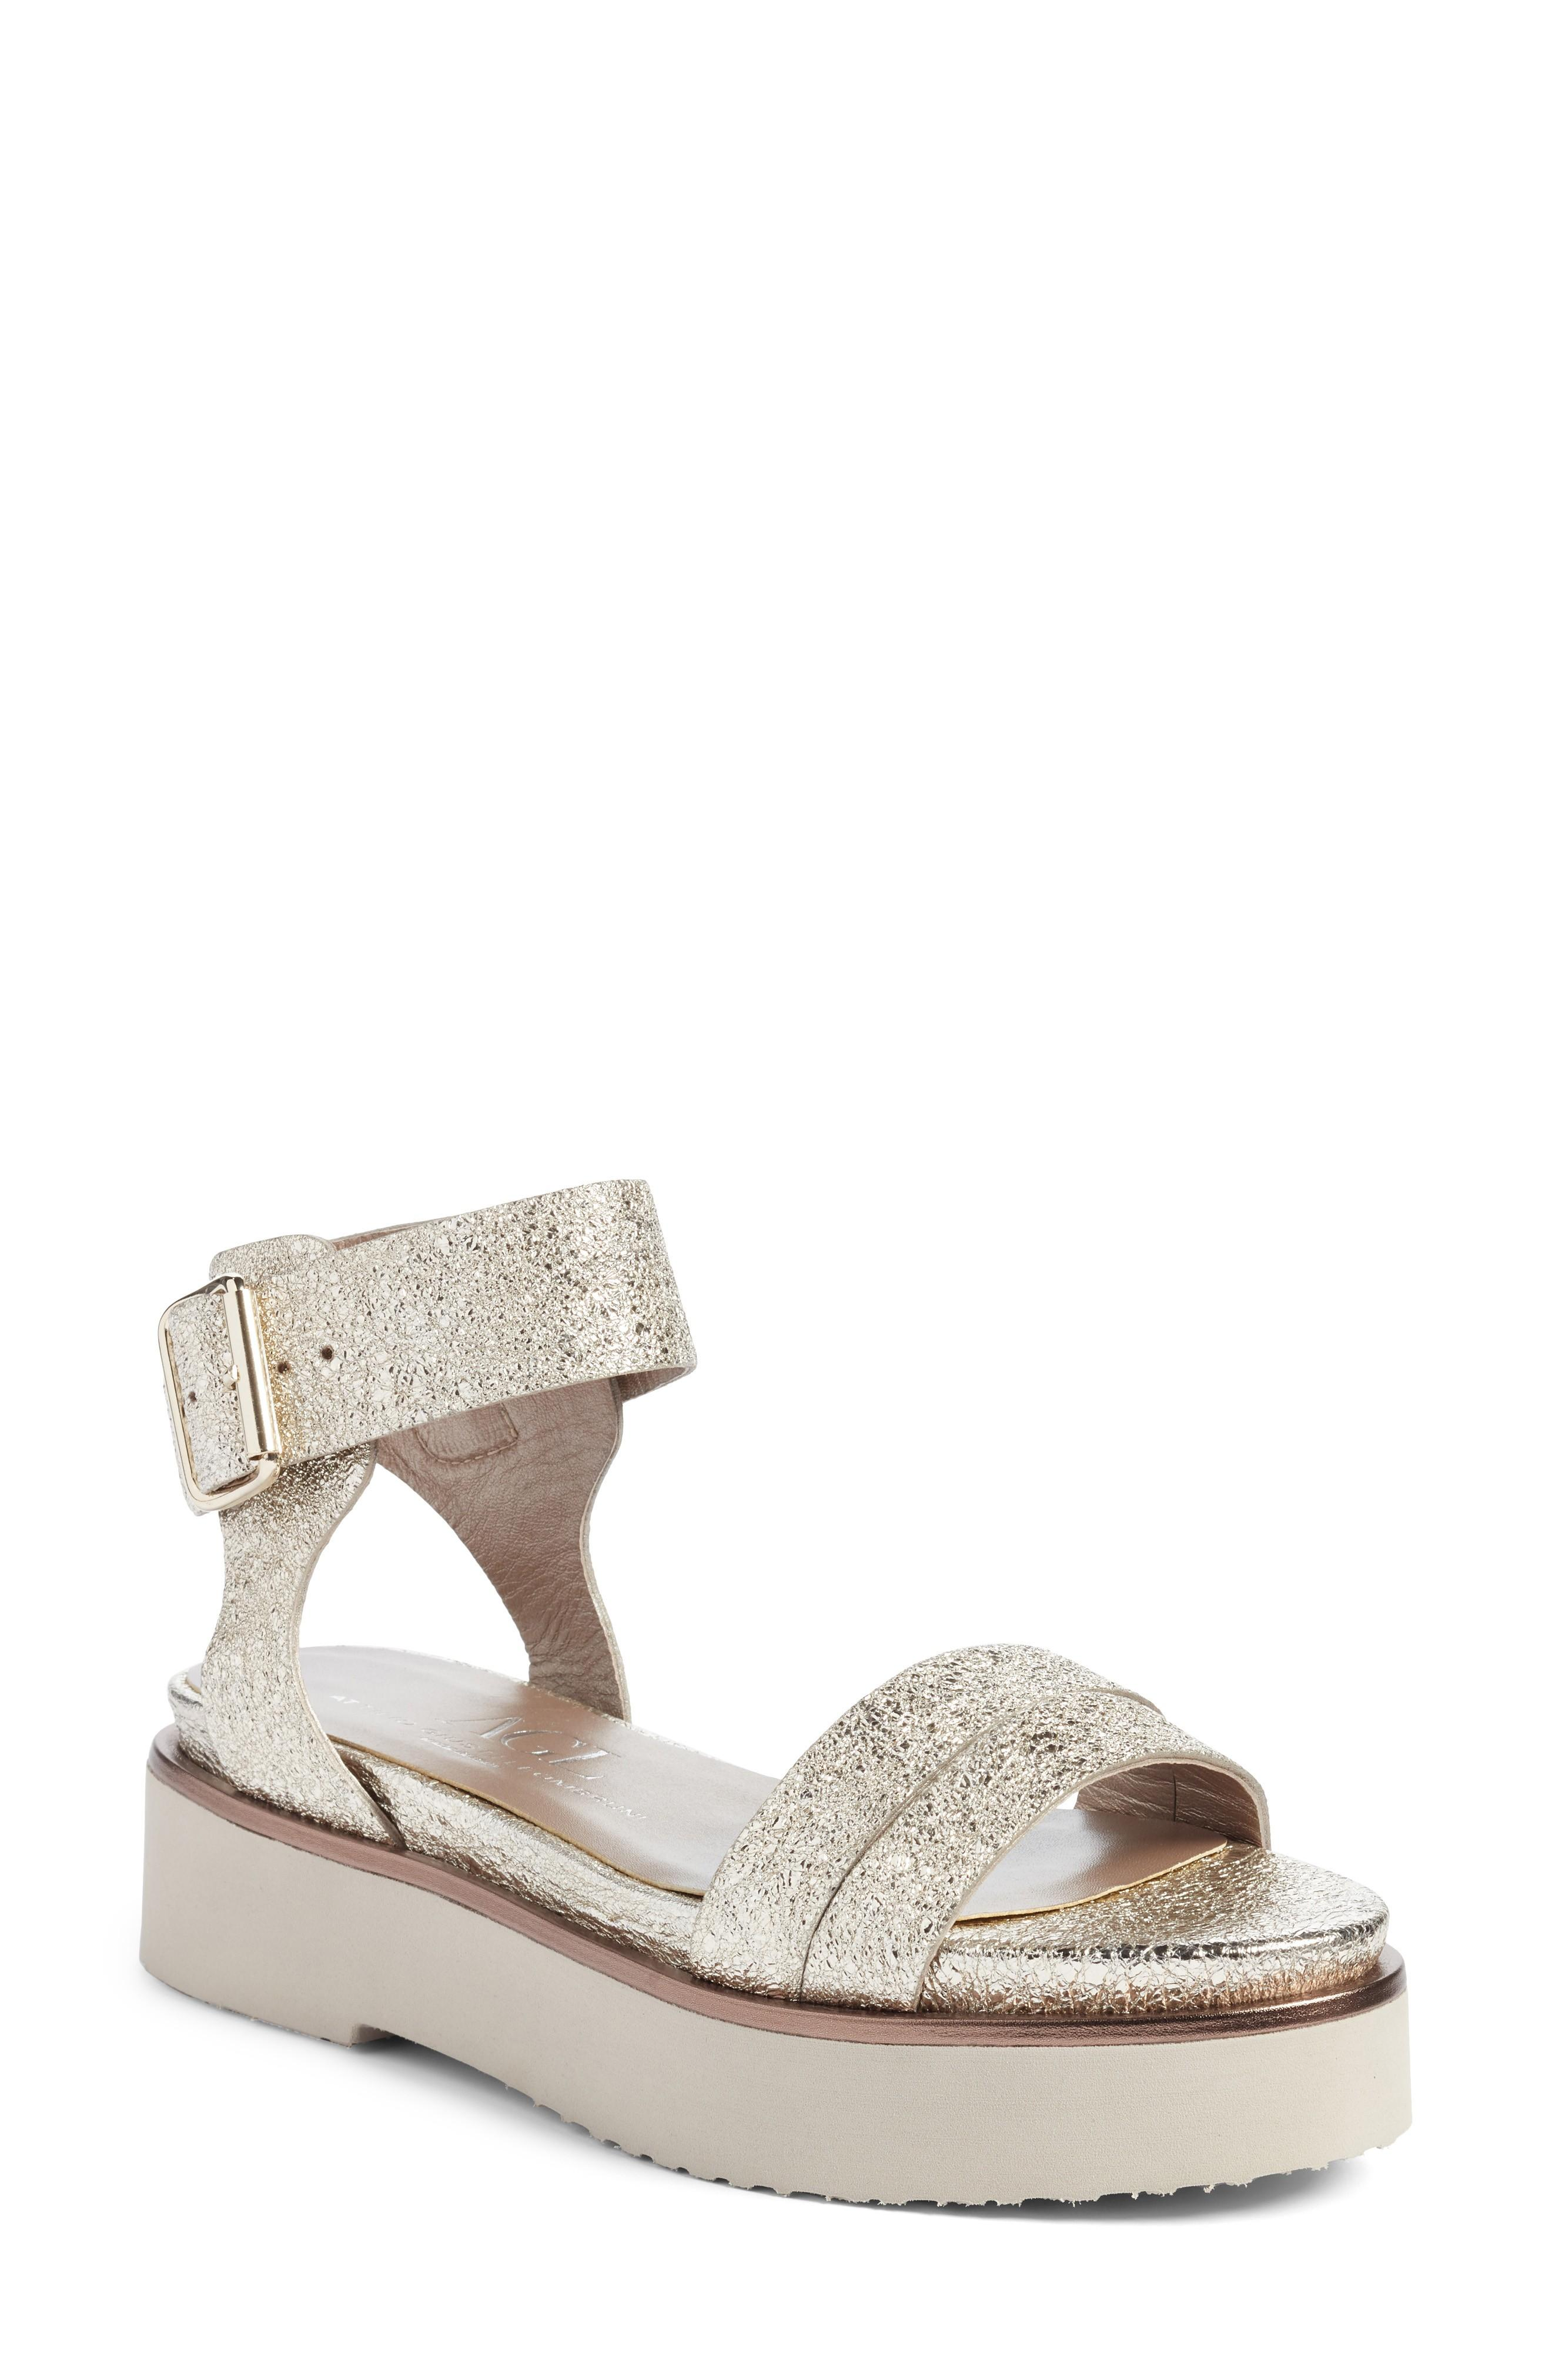 2e7e004d48e Agl Attilio Giusti Leombruni Ankle Strap Sandal In Golden Leather ...